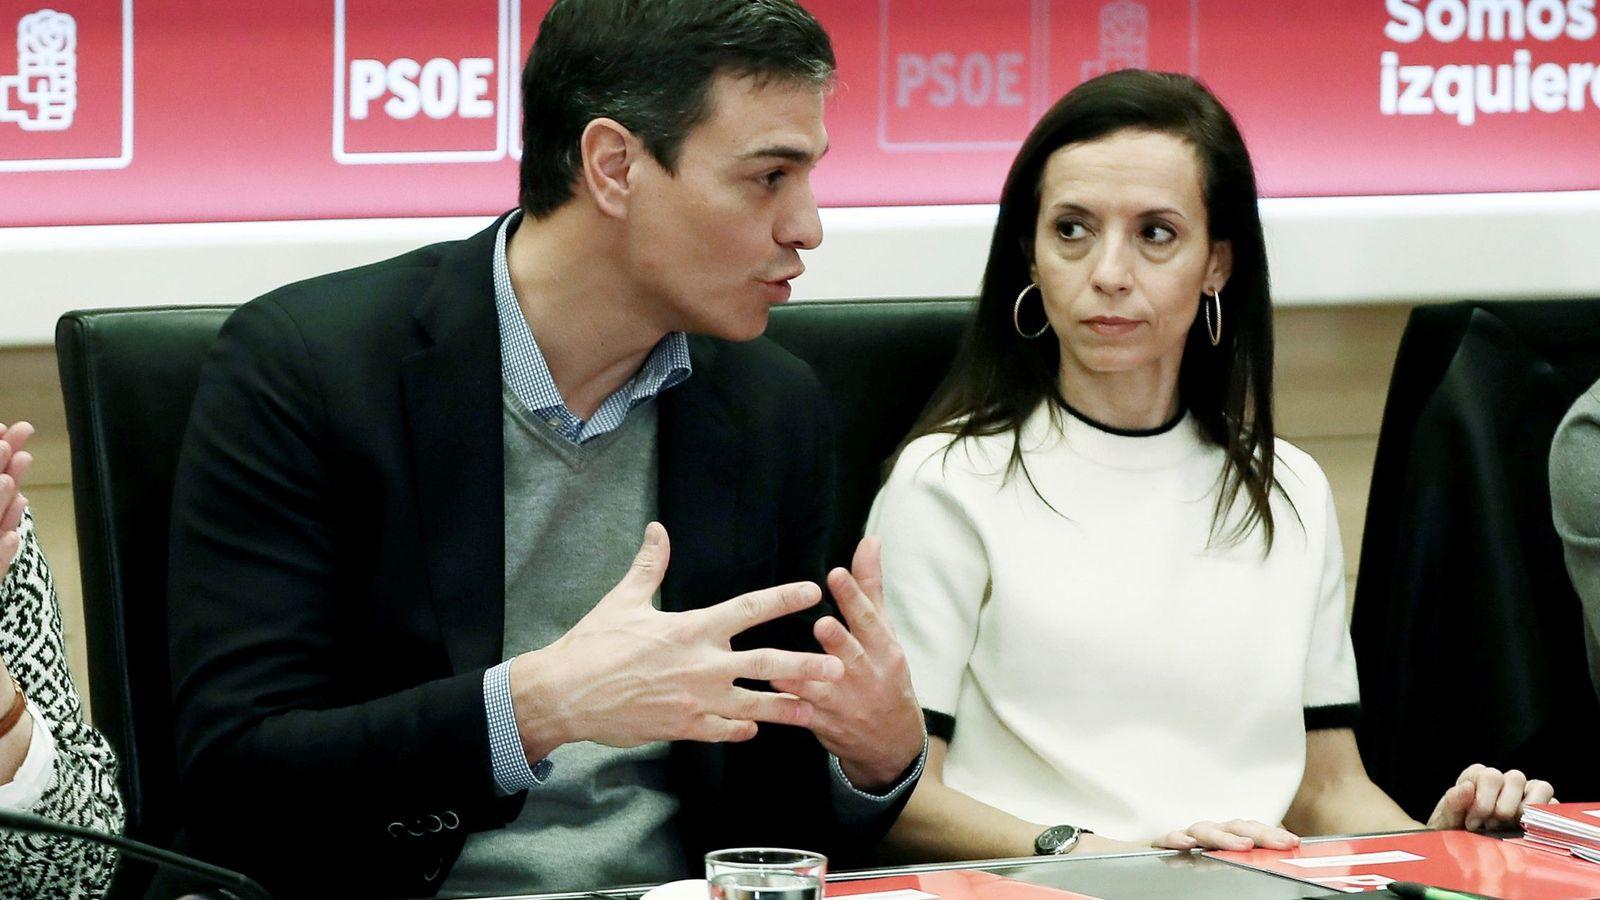 Foto: El Secretario General del PSOE Pedro Sánchez, y la Secretaria de Ordenación del Territorio y Políticas de Vivienda del PSOE, Beatriz Corredor. Foto: Efe.